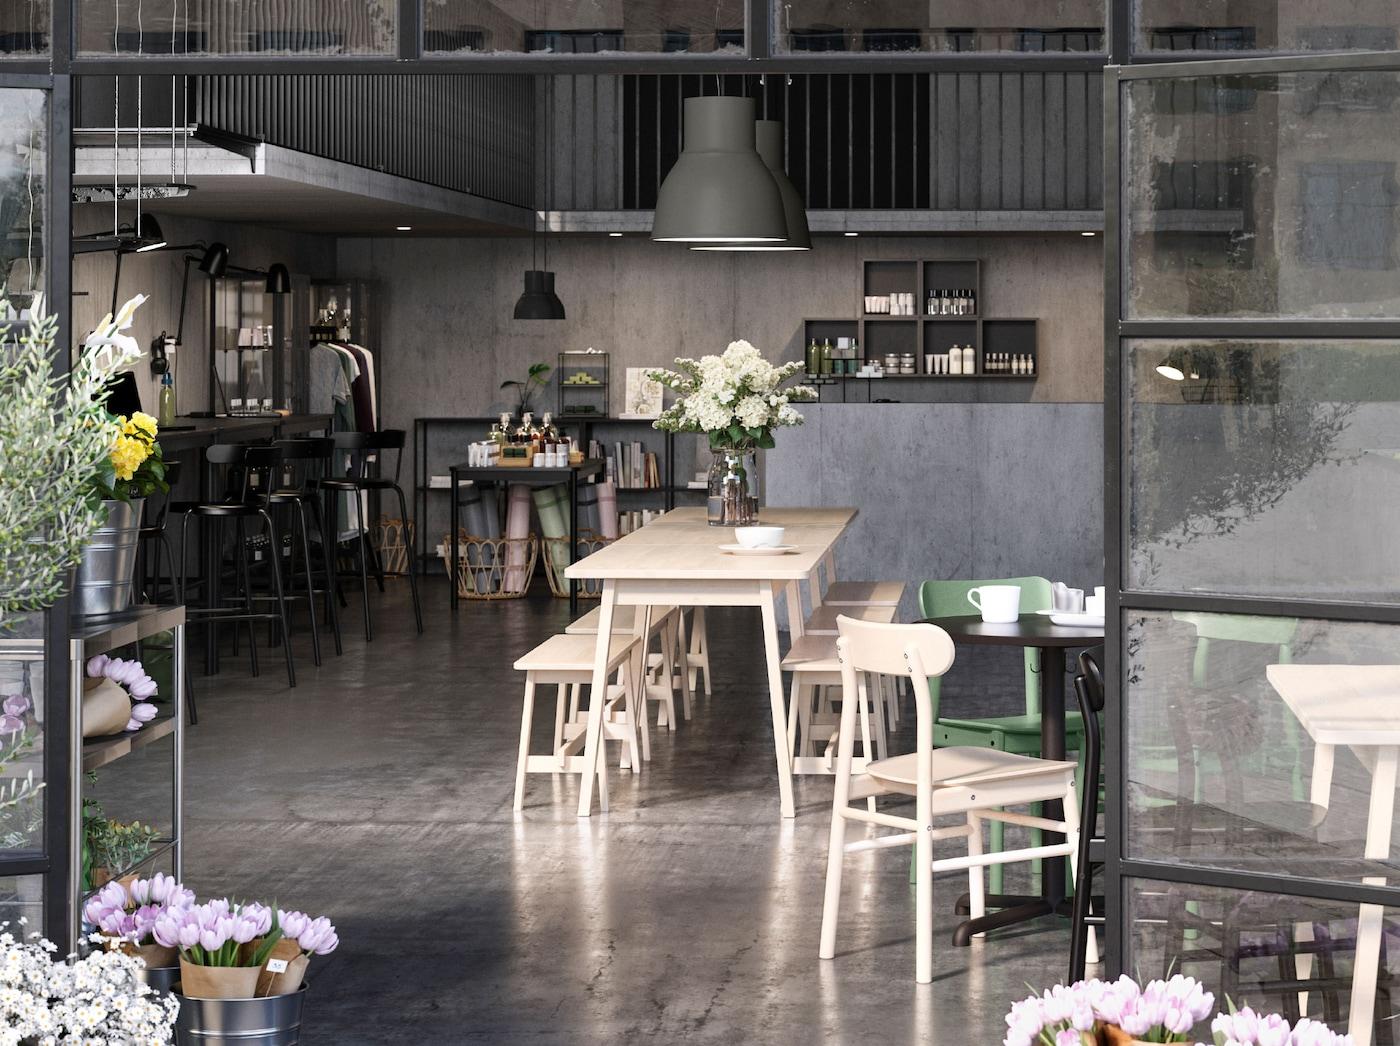 Due porte aperte in vetro fanno da cornice a un open space con caffetteria, negozio e un'area dedicata al co-working. Sul tavolo e accanto alle porte ci sono dei fiori - IKEA